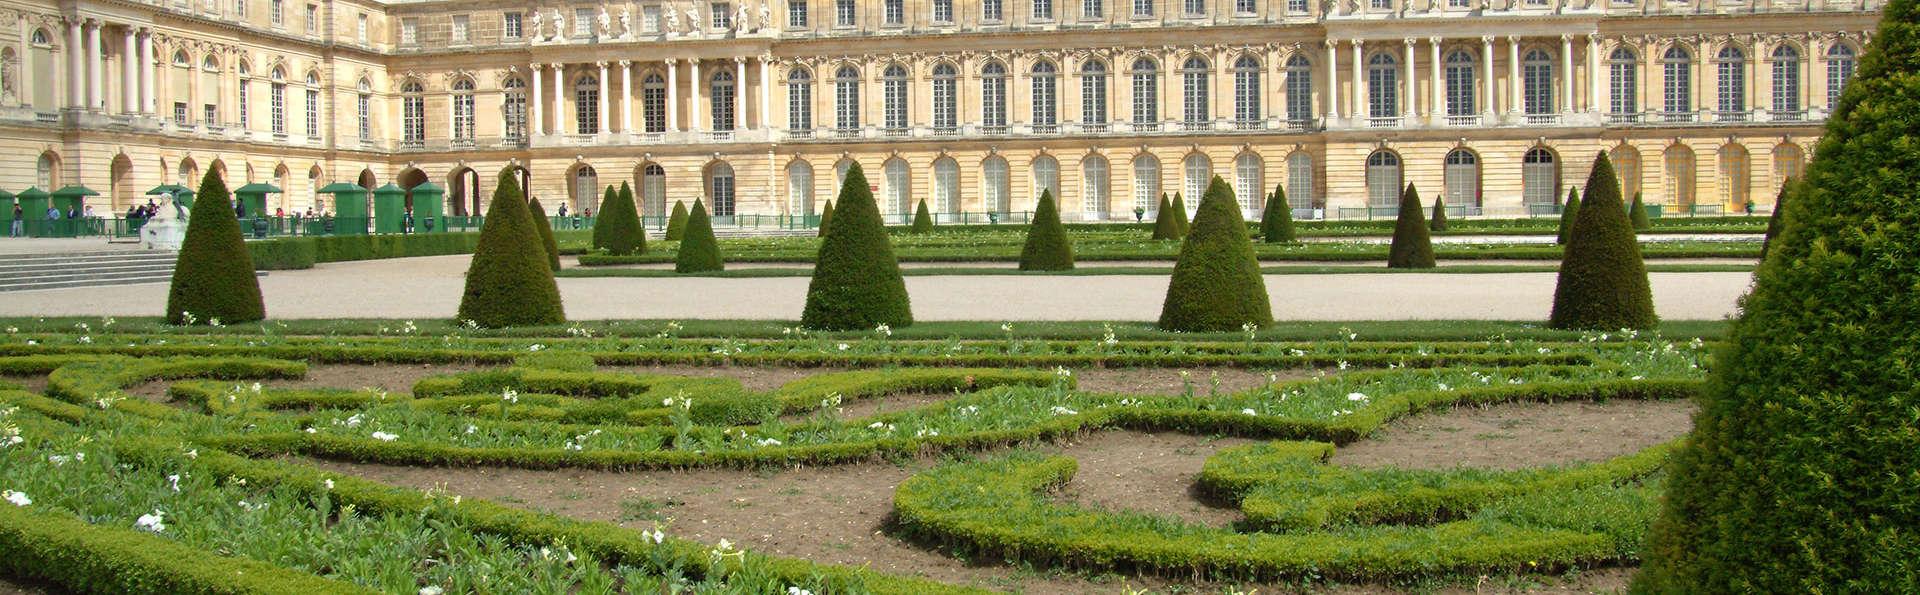 Découverte du Château de Versailles et séjour 4* près de Paris (Pass 1 jour)